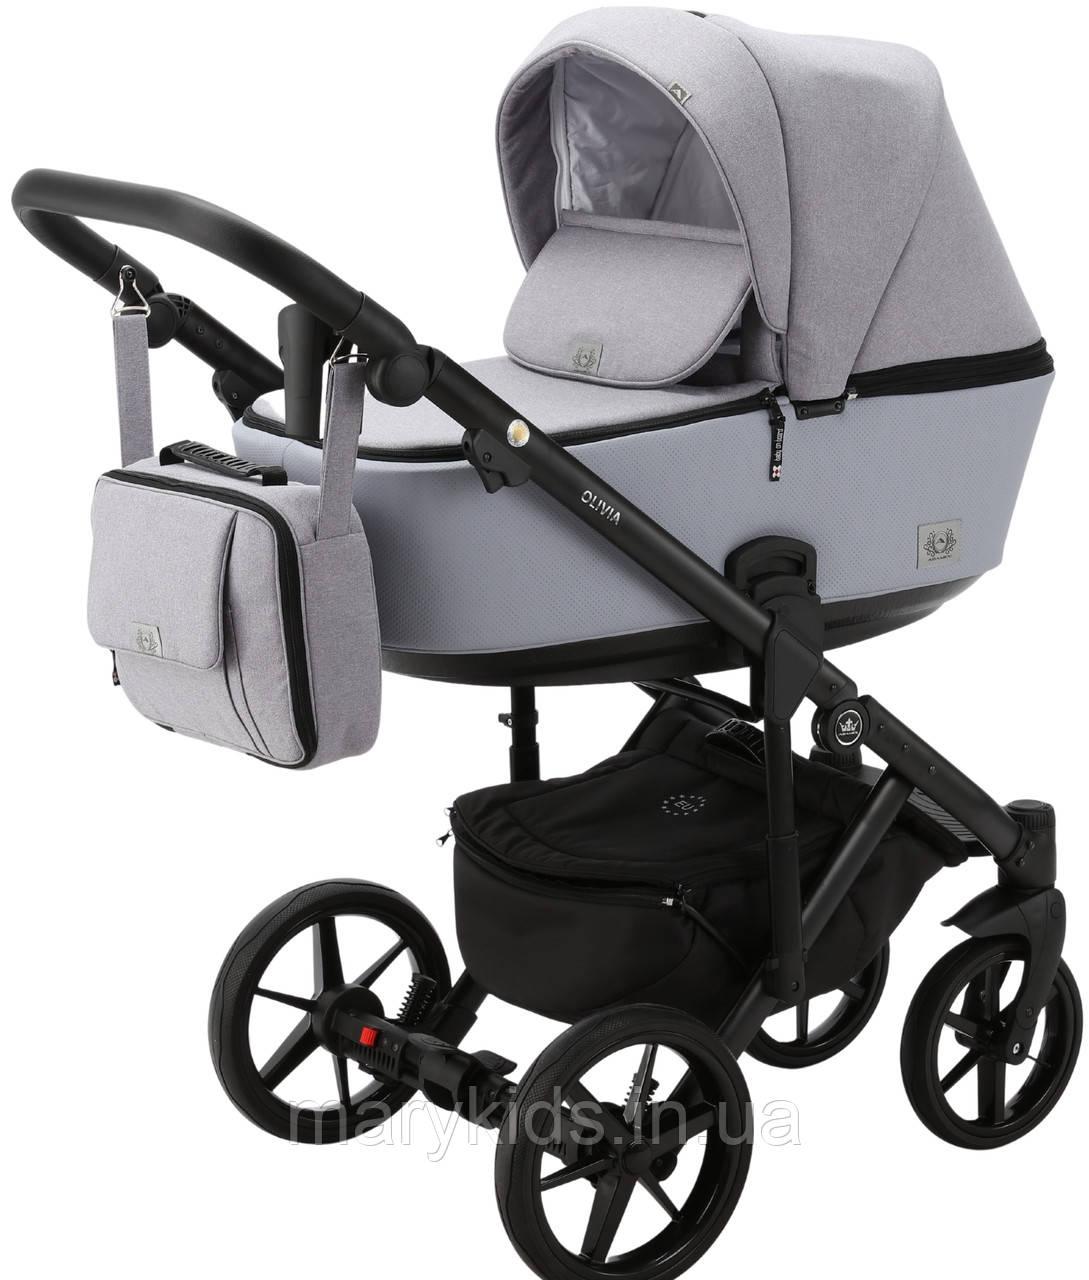 Детская универсальная коляска 2 в 1 Adamex Olivia PS-32